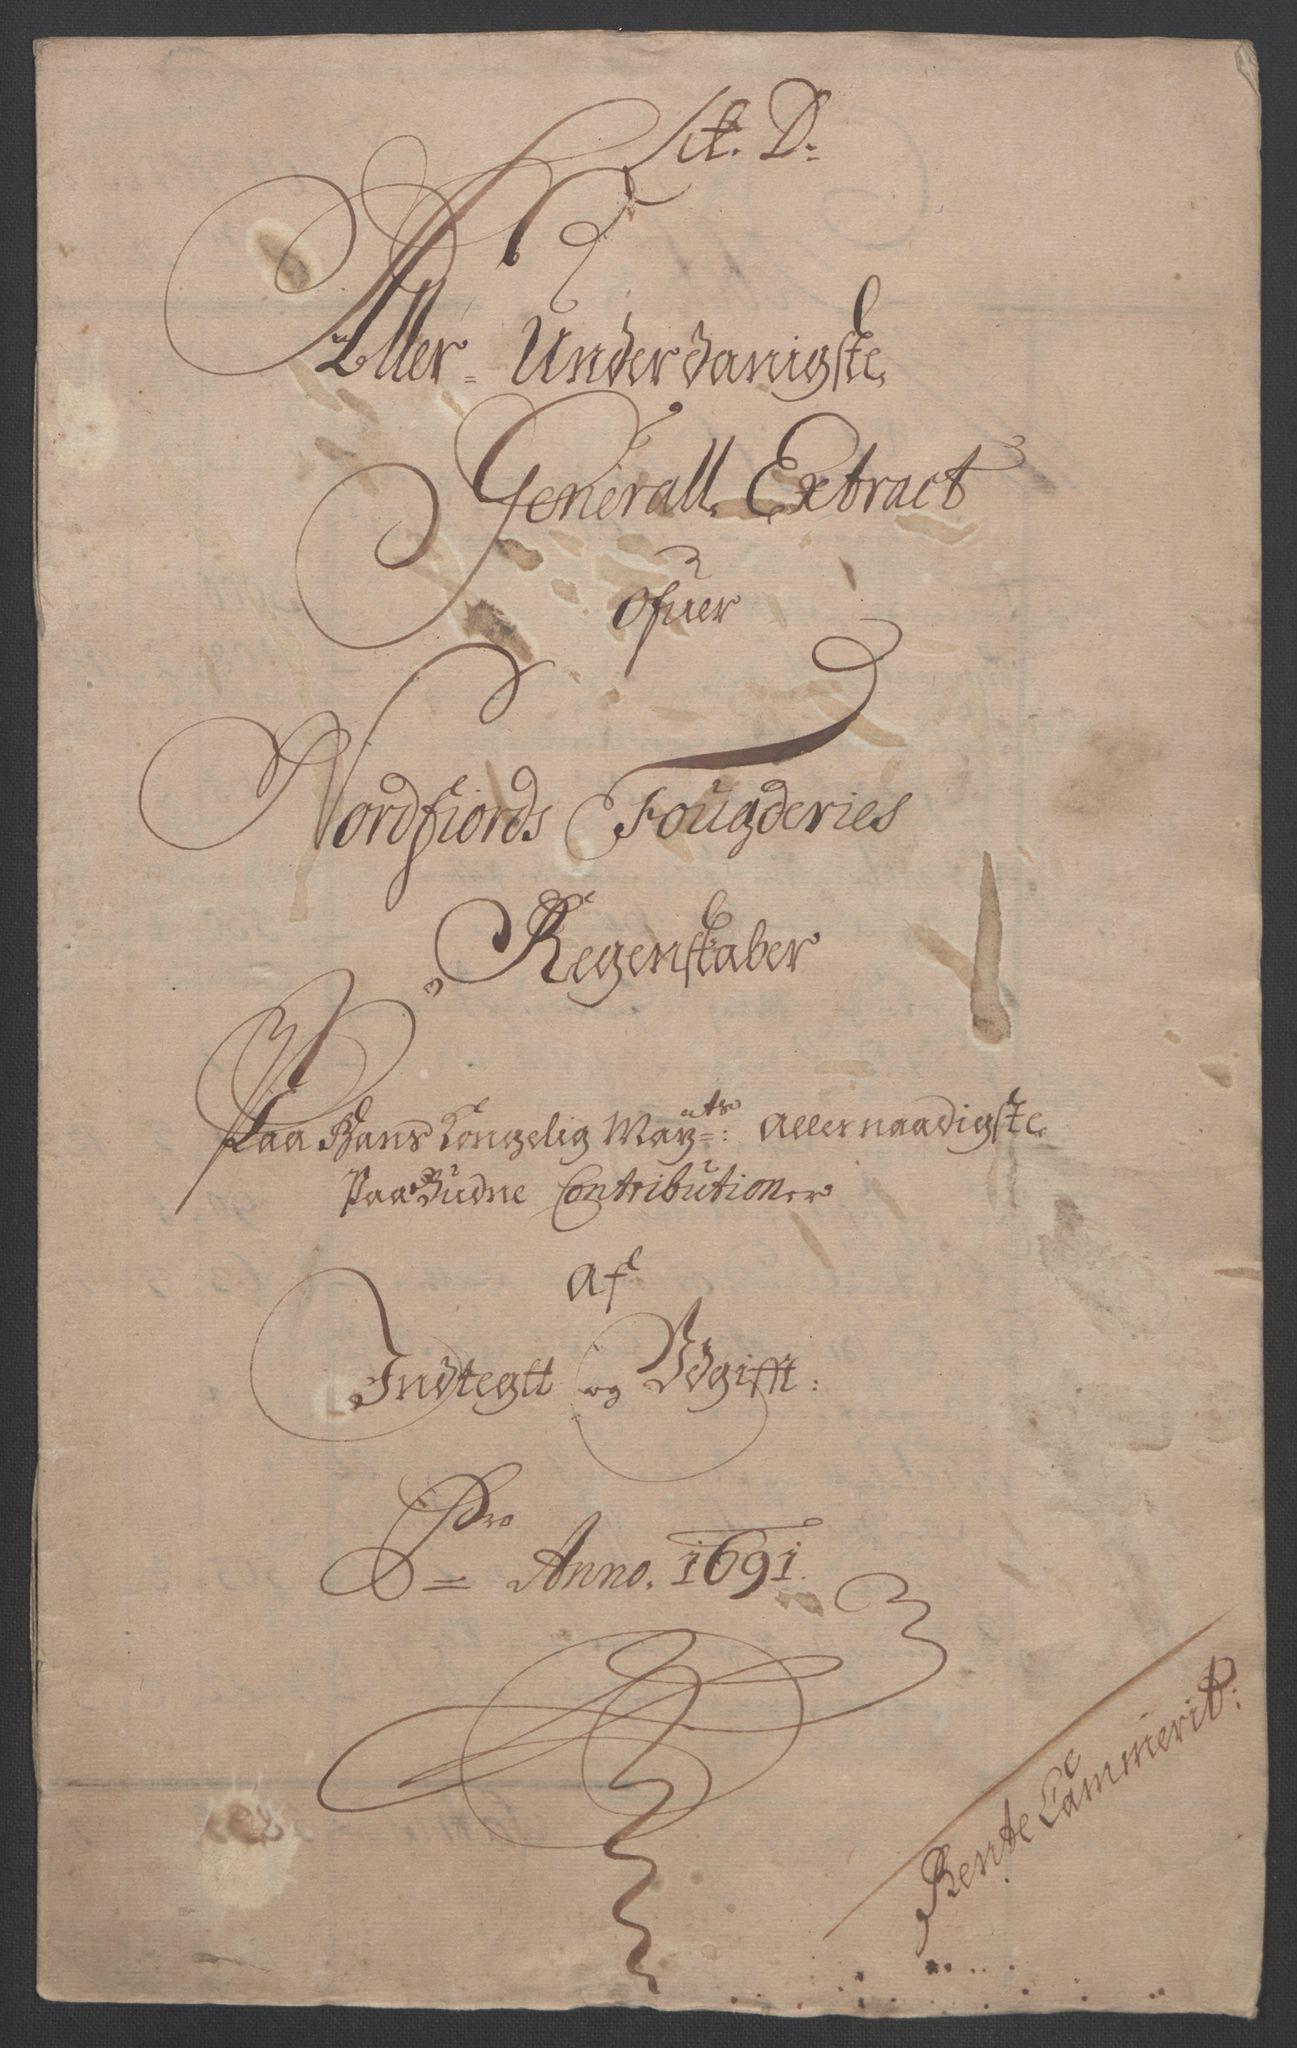 RA, Rentekammeret inntil 1814, Reviderte regnskaper, Fogderegnskap, R53/L3420: Fogderegnskap Sunn- og Nordfjord, 1691-1692, s. 134